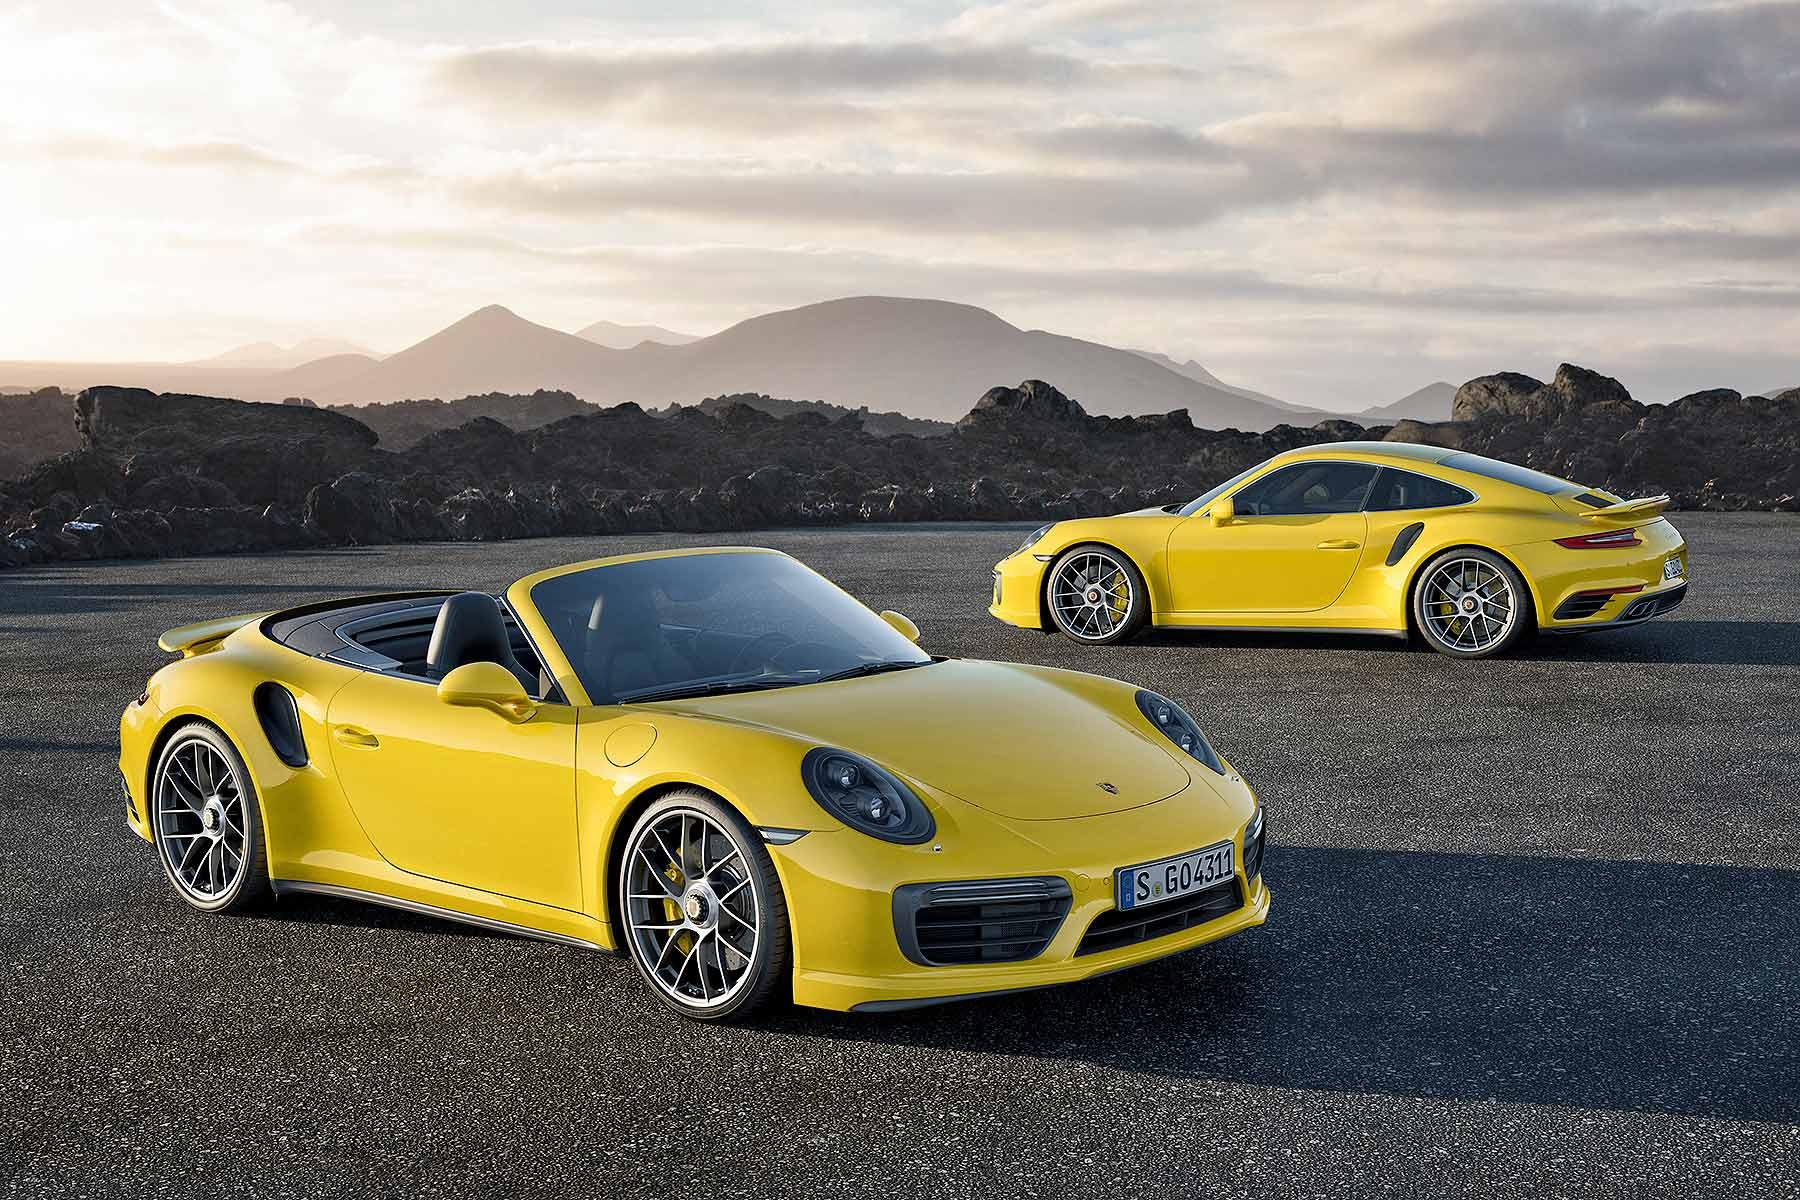 2016 Porsche 911 Turbo and Turbo S